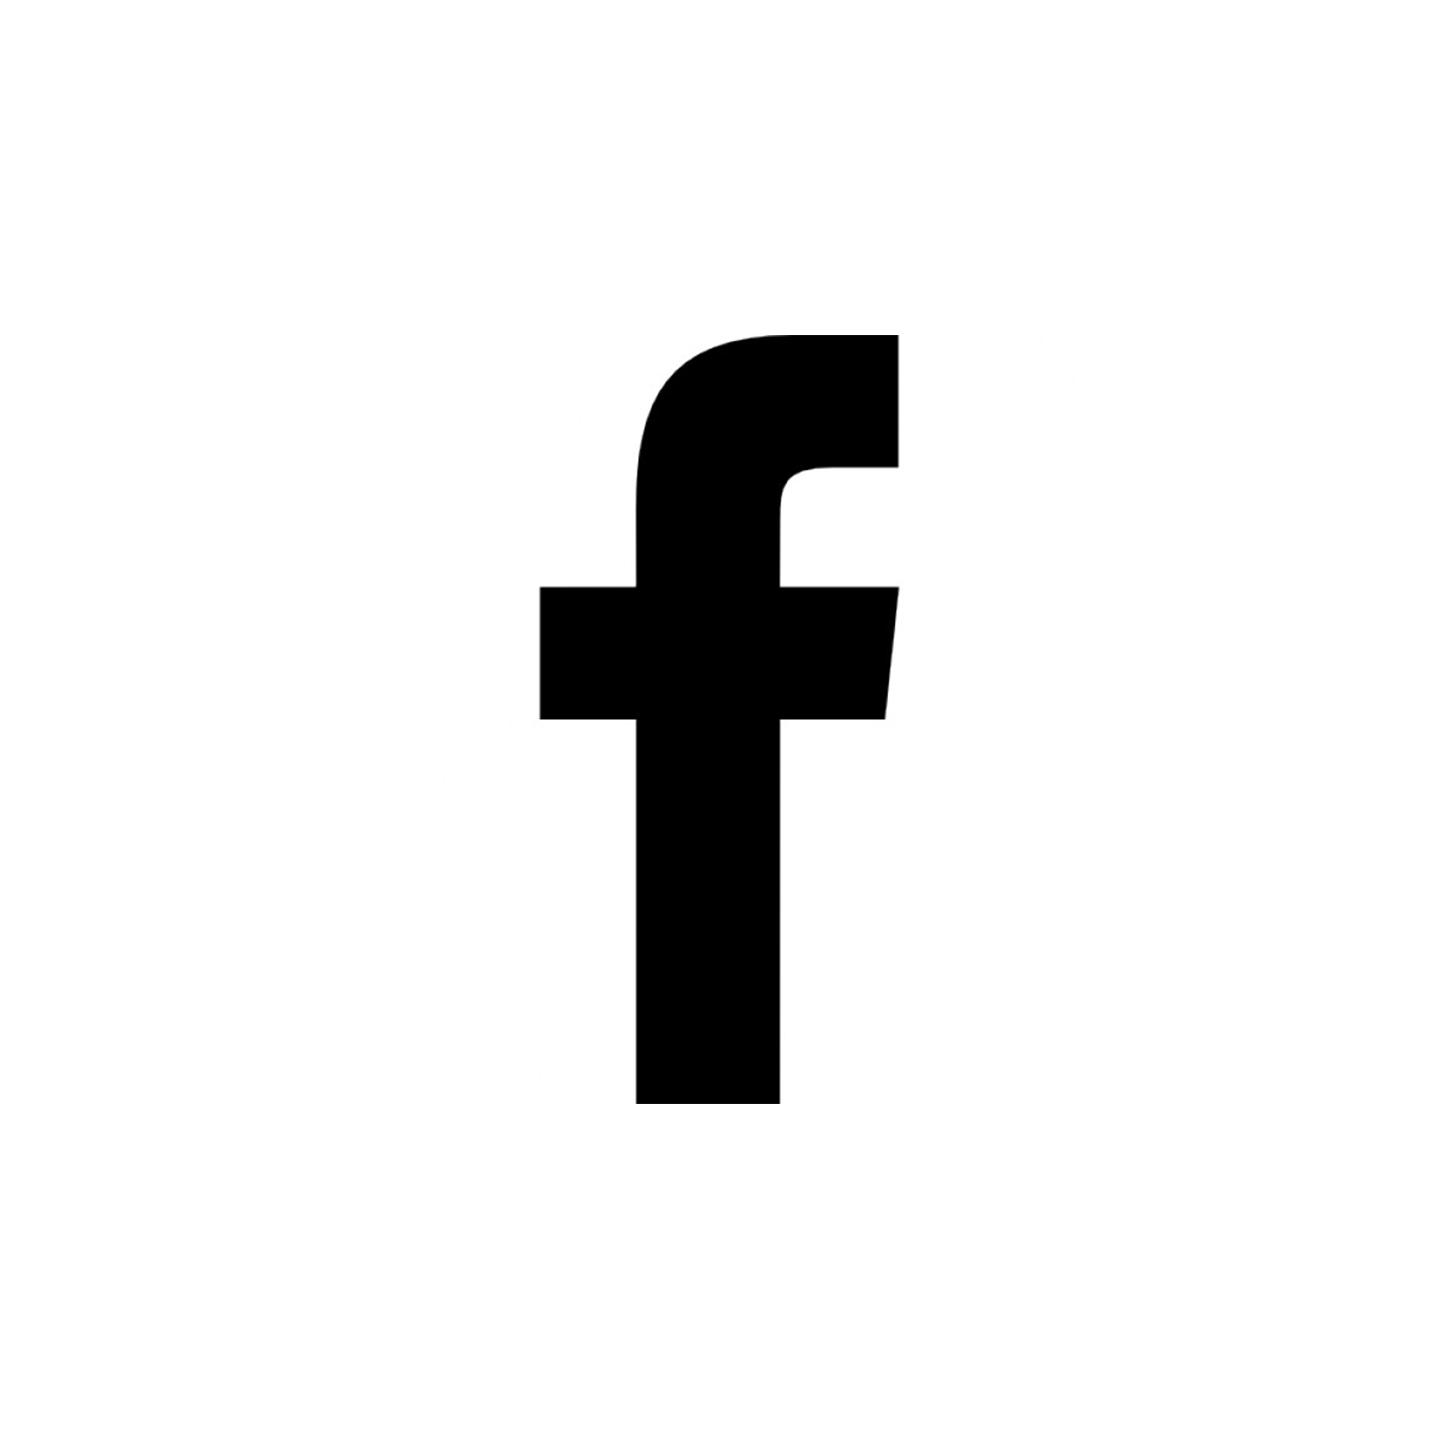 jen simpson design facebook